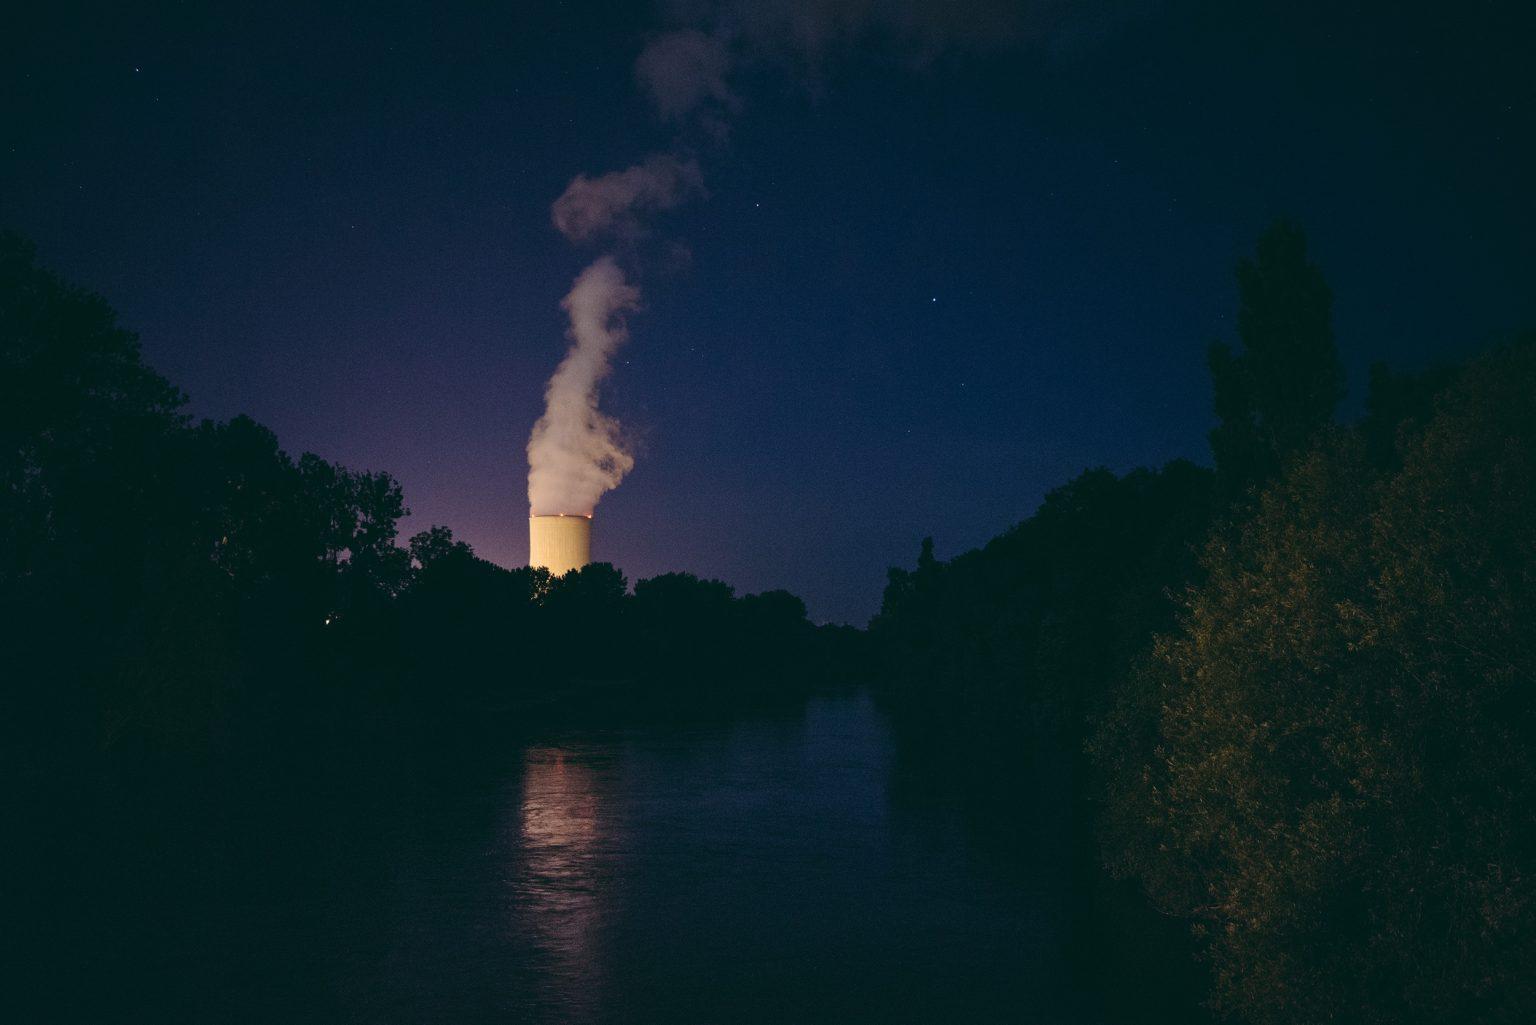 Civaux, France, May 2018 - Civaux nuclear power plant, 15 km from Tristan Plot's new home, from one of the bridges crossing the Vienne river. ><  Civaux, Francia, maggio 2018 - Centrale nucleare di Civaux, a 15 km dalla nuova casa di Tristan Plot, da uno dei ponti che attraversano il fiume Vienne.*** SPECIAL   FEE   APPLIES *** *** Local Caption *** 01489343